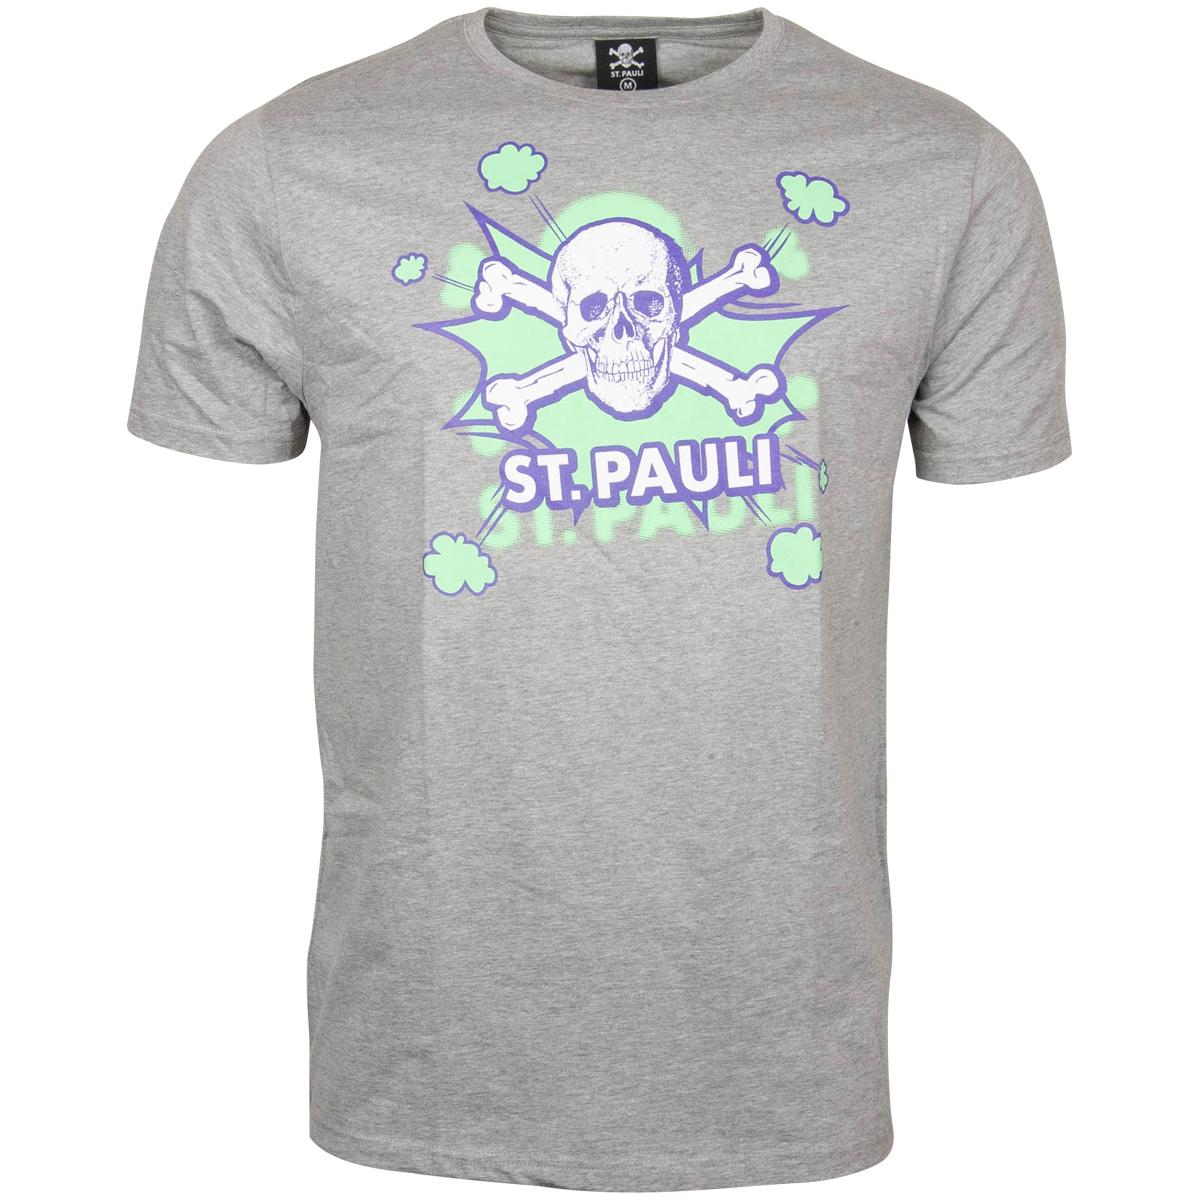 FC St. Pauli - T-Shirt Totenkopf Pow Grau-Grün - grau